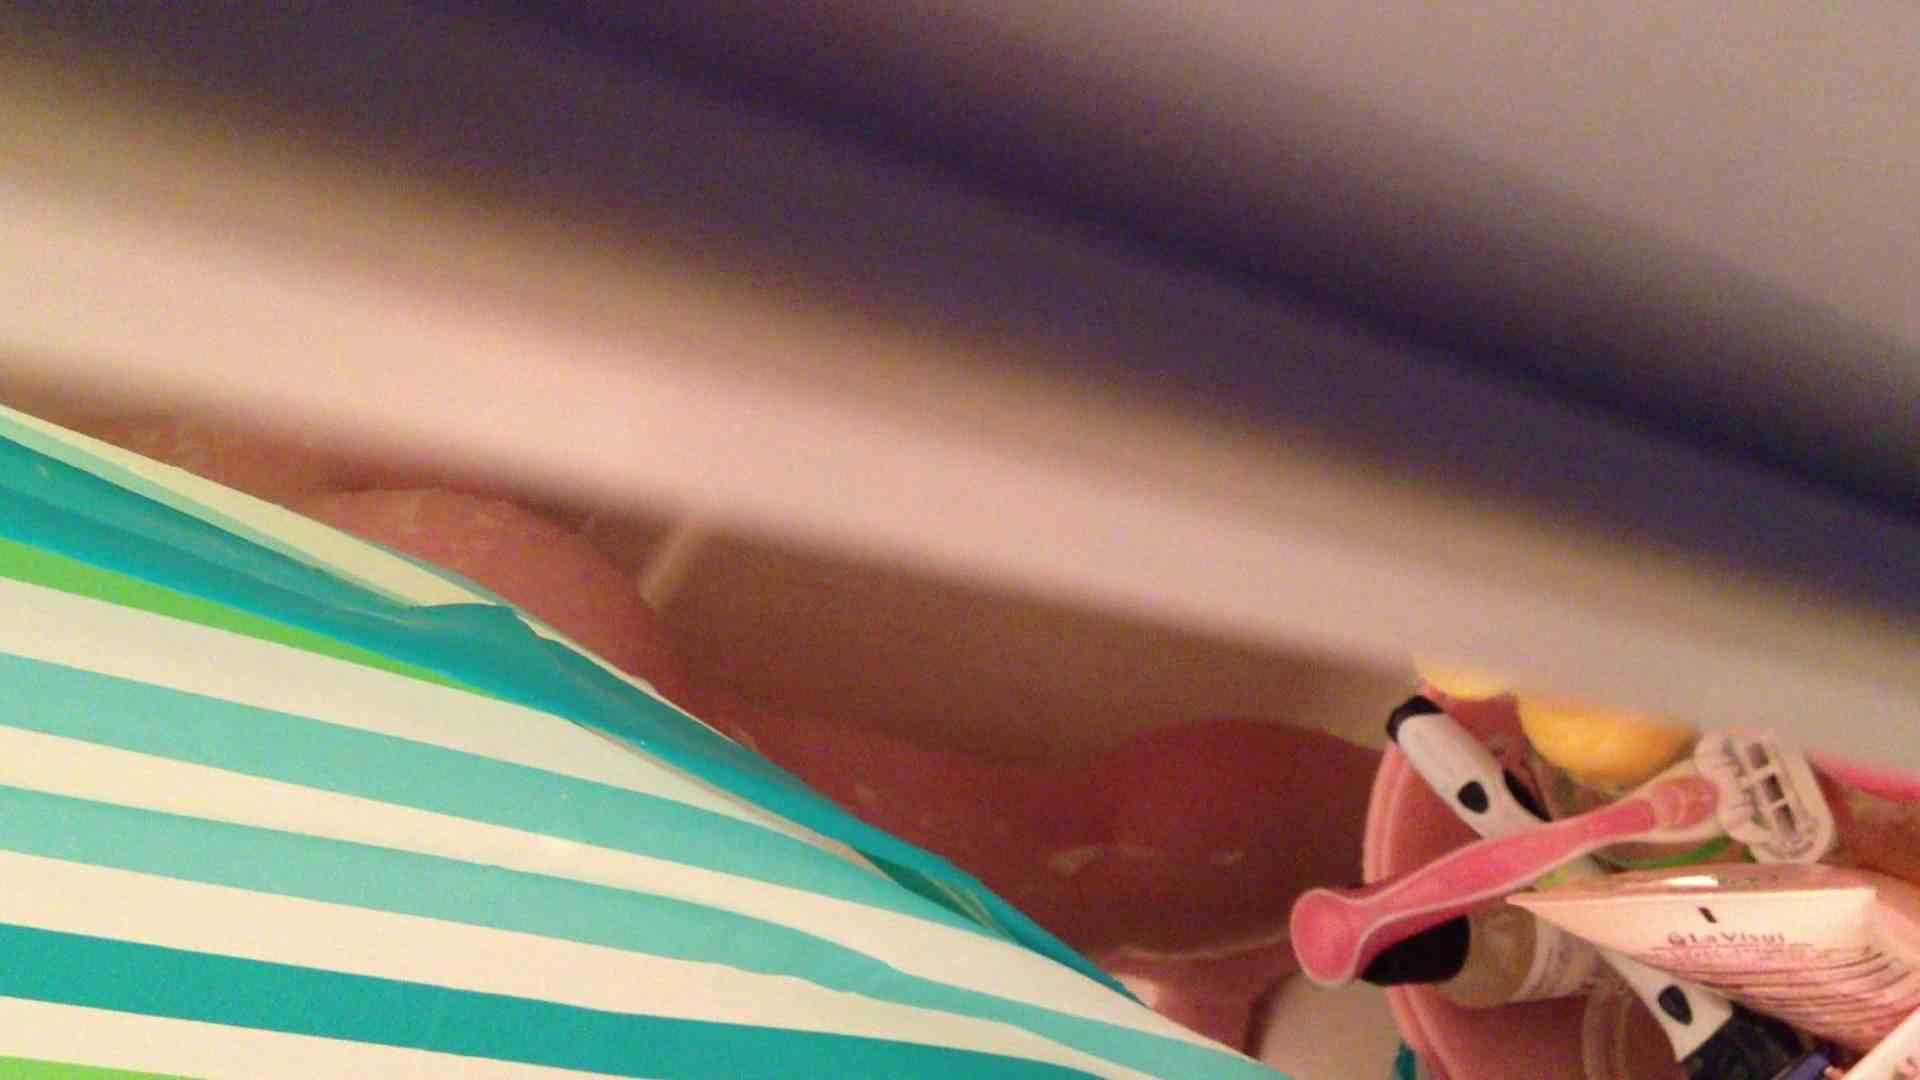 16(16日目)シャワー中にムダ毛処理をする彼女 パイパン映像  100pic 33